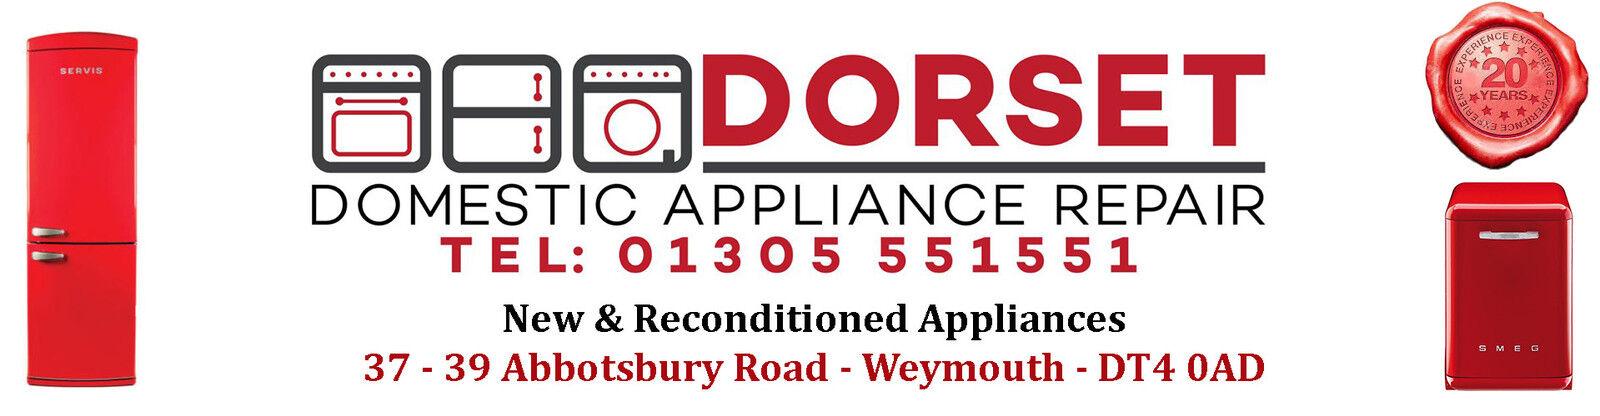 Dorset Domestic Appliance